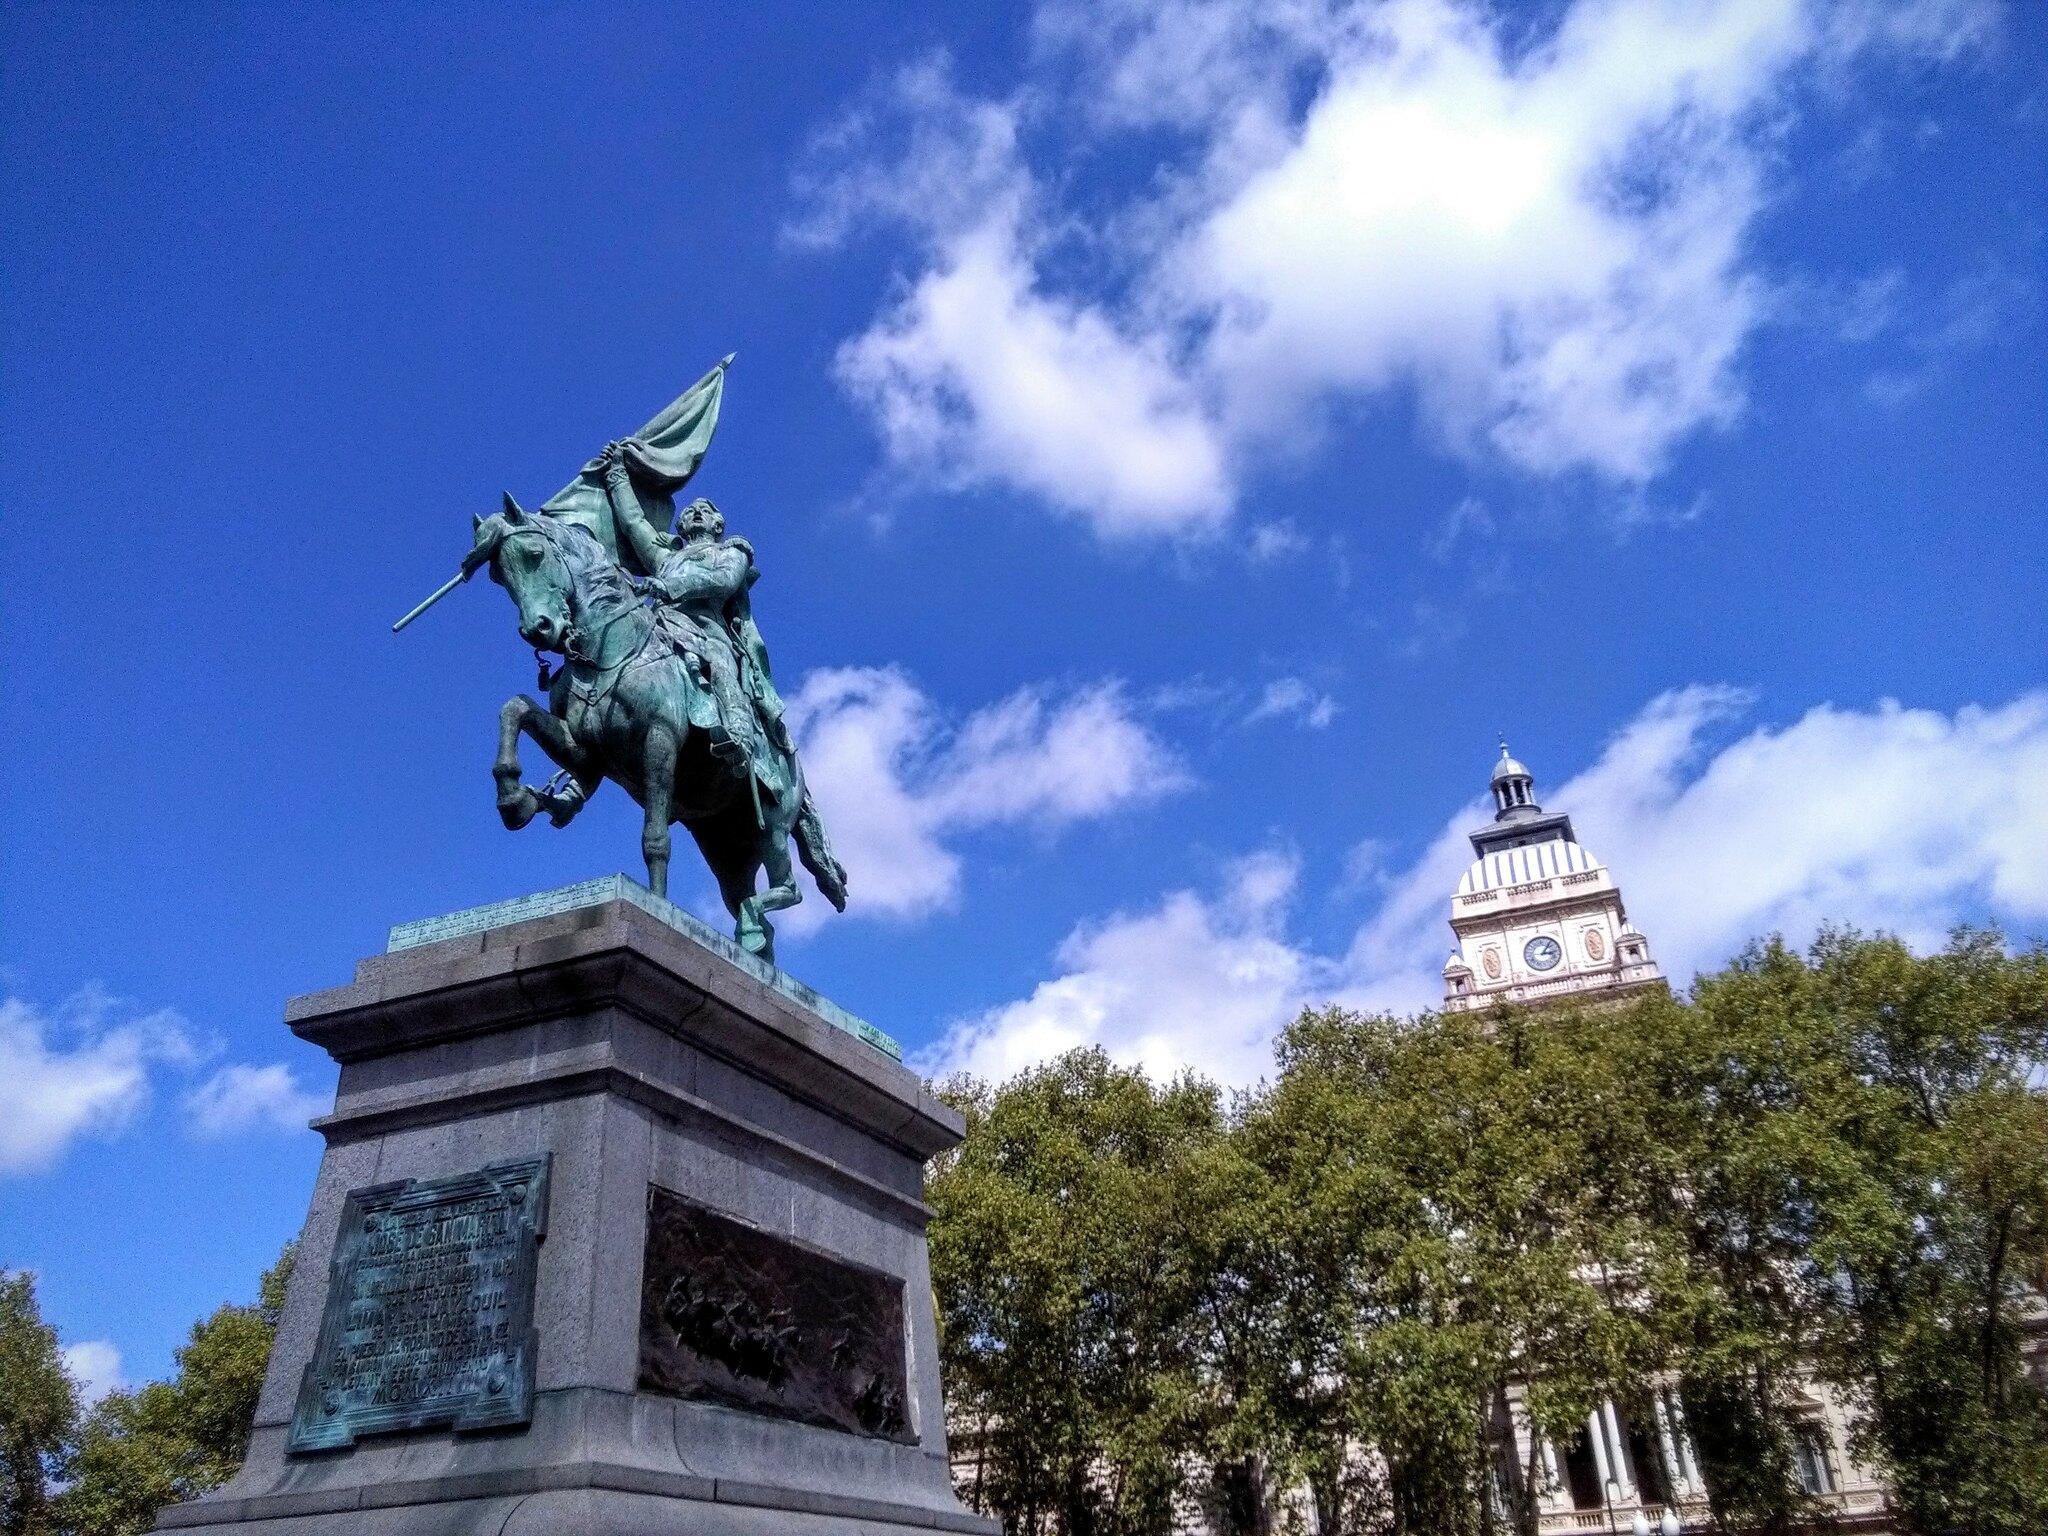 The statue in Rosario's Plaza San Martín